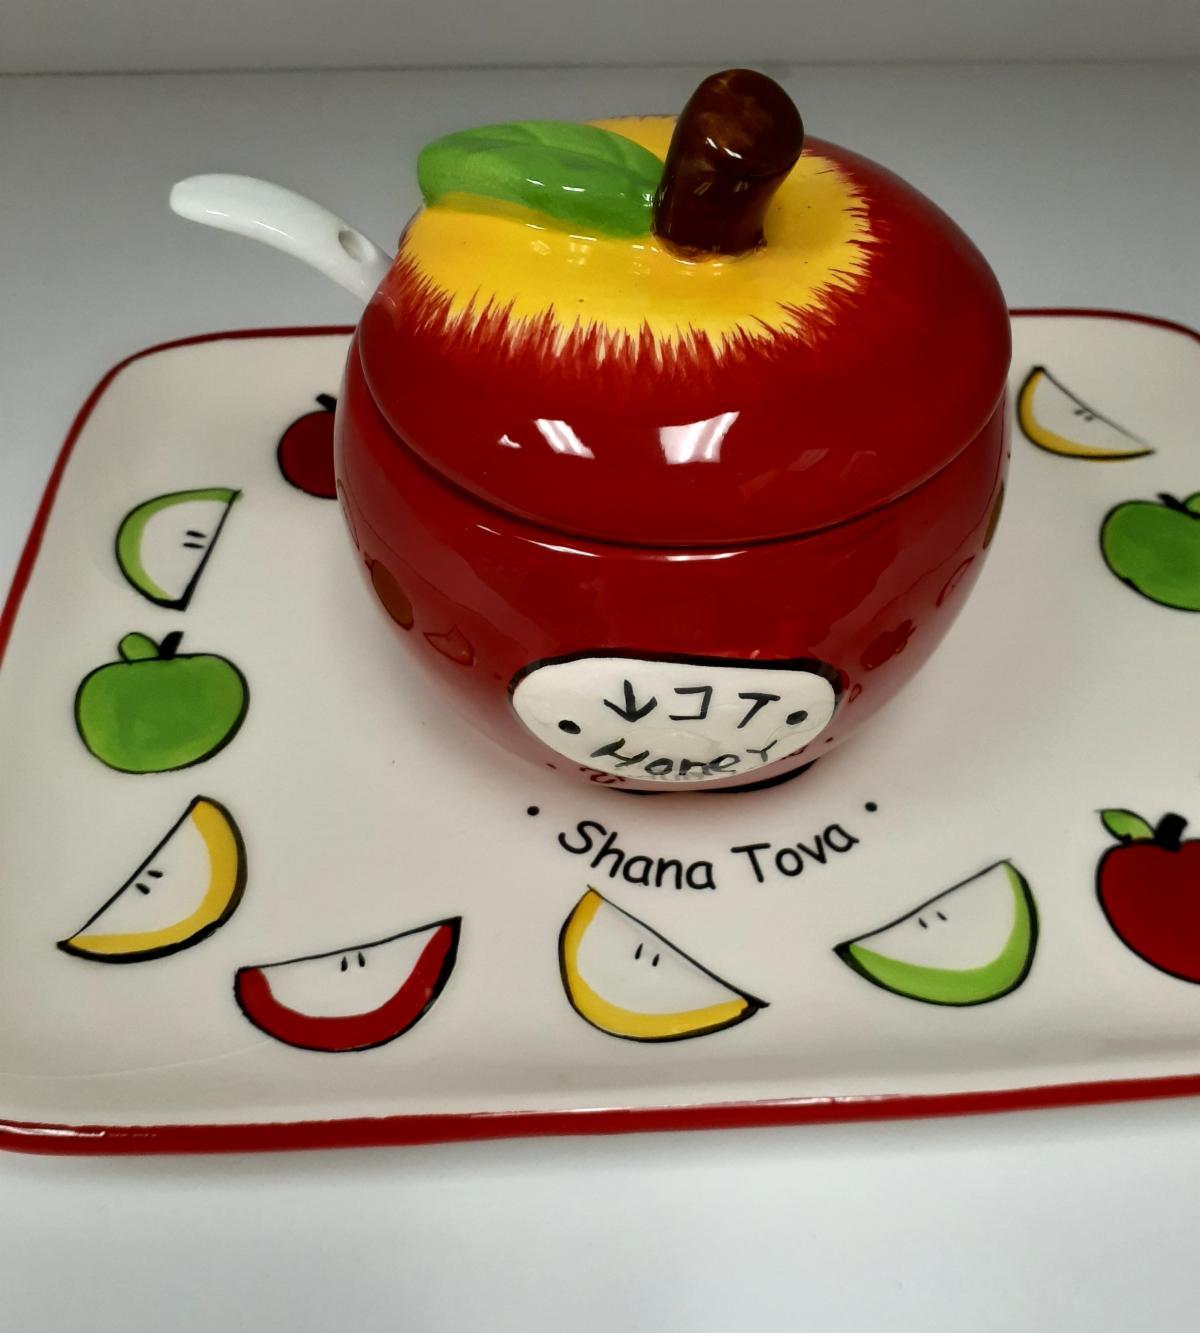 Honey Dish - Shana Tova with Tray